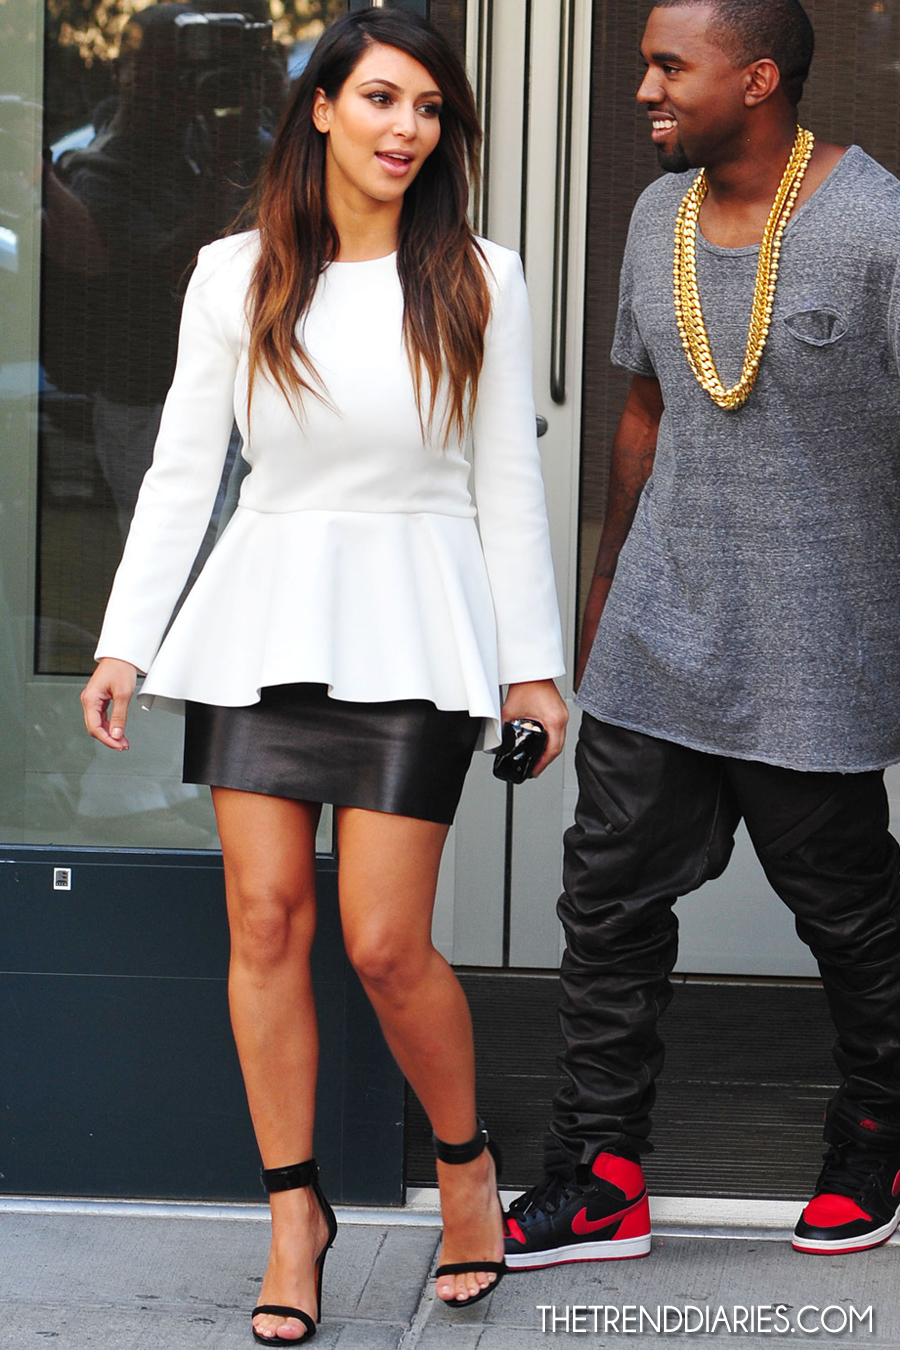 kim kardashian street style 2012 wwwpixsharkcom